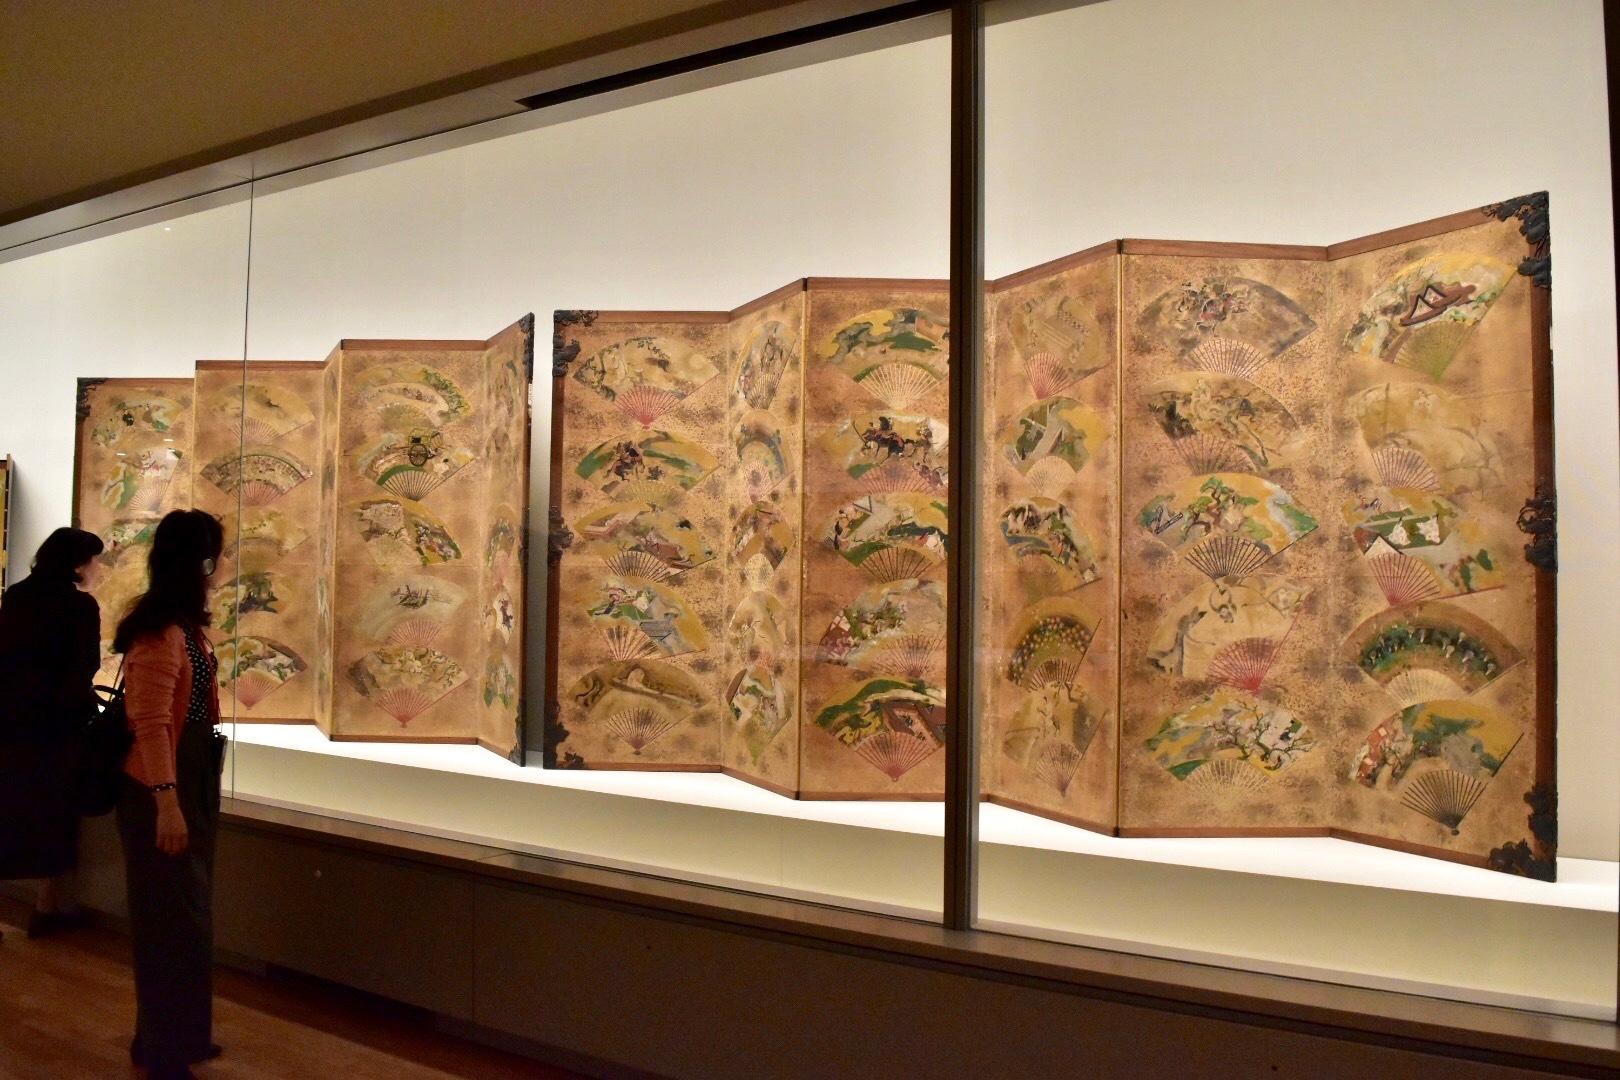 扇面貼交屏風 伝俵屋宗達筆 江戸時代・17世紀 東京国立博物館蔵